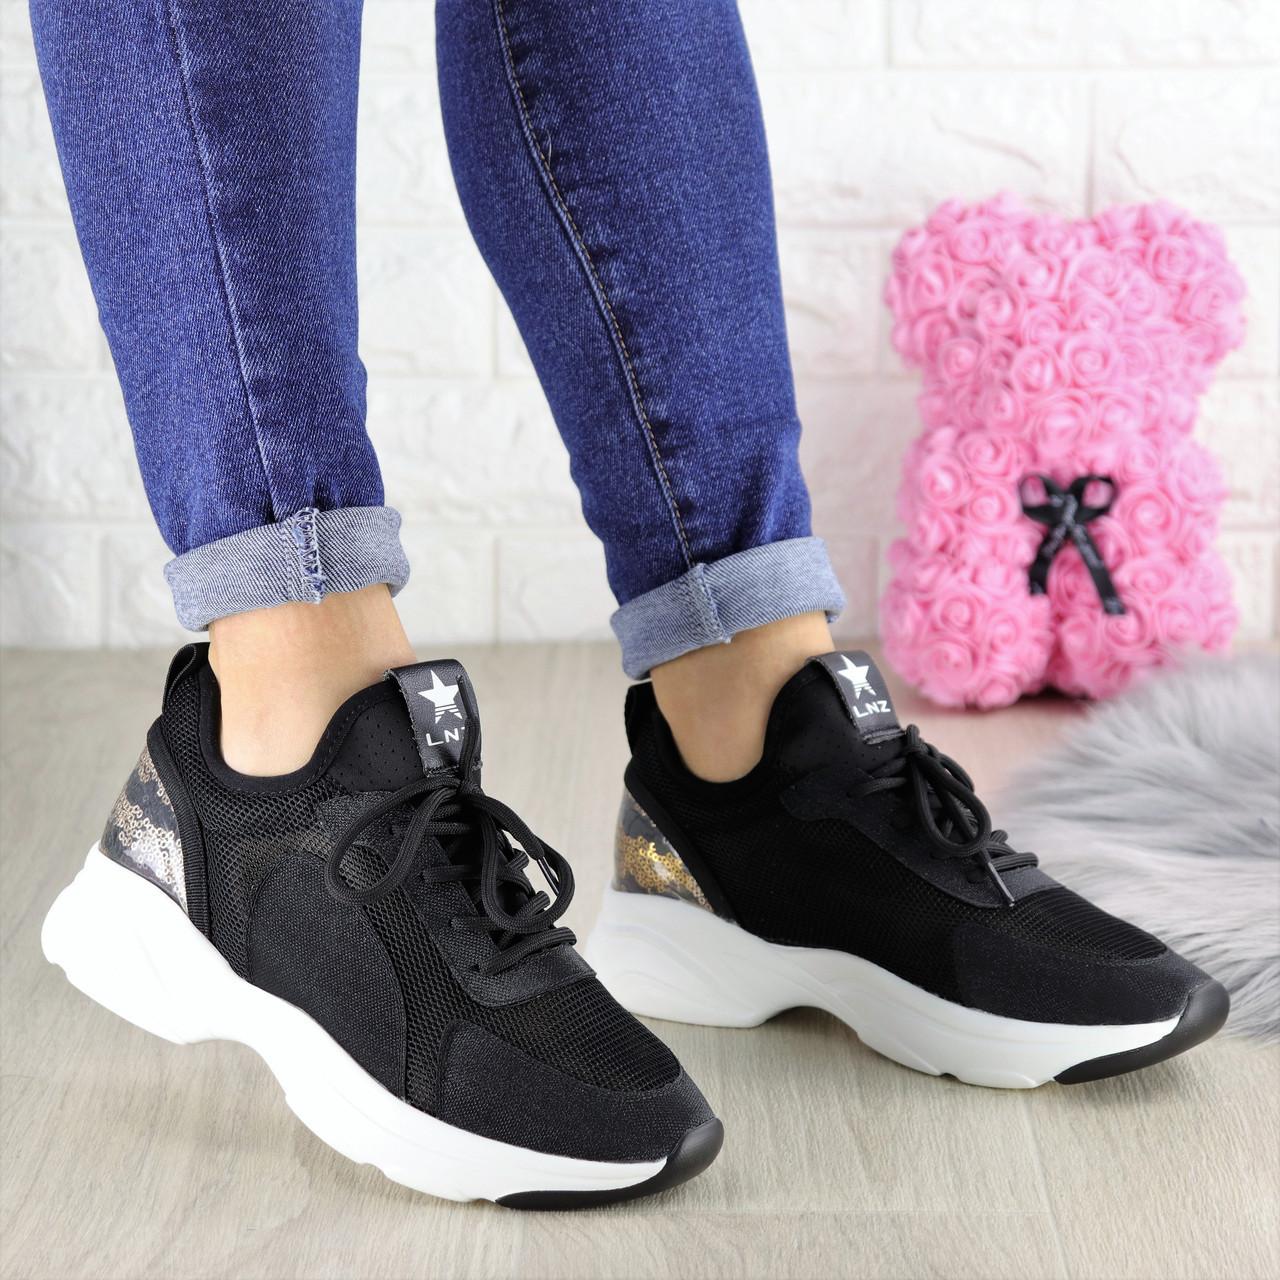 Женские летние кроссовки Tyson черные 1432 (39 размер), цена 750 грн., купить в Хмельницком — Prom.ua (ID#1138492645)